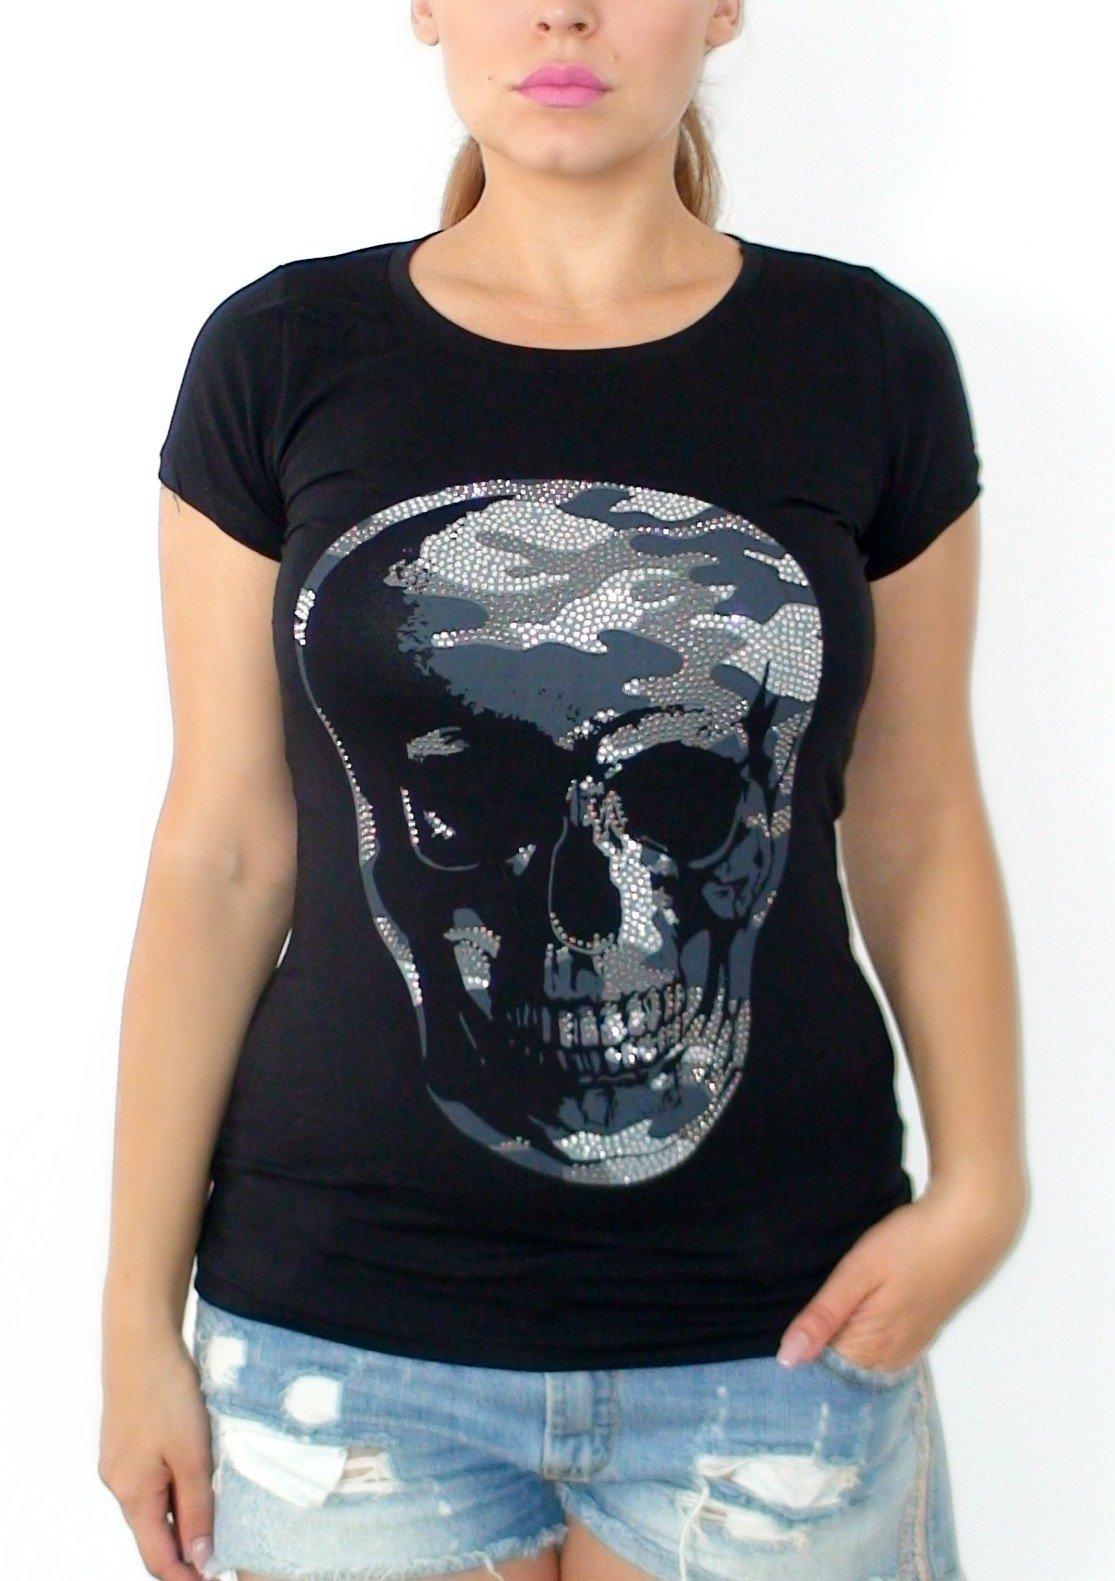 0f8f4cee4f52 Tričko s kamienkami Skull čierne - Divalli.sk